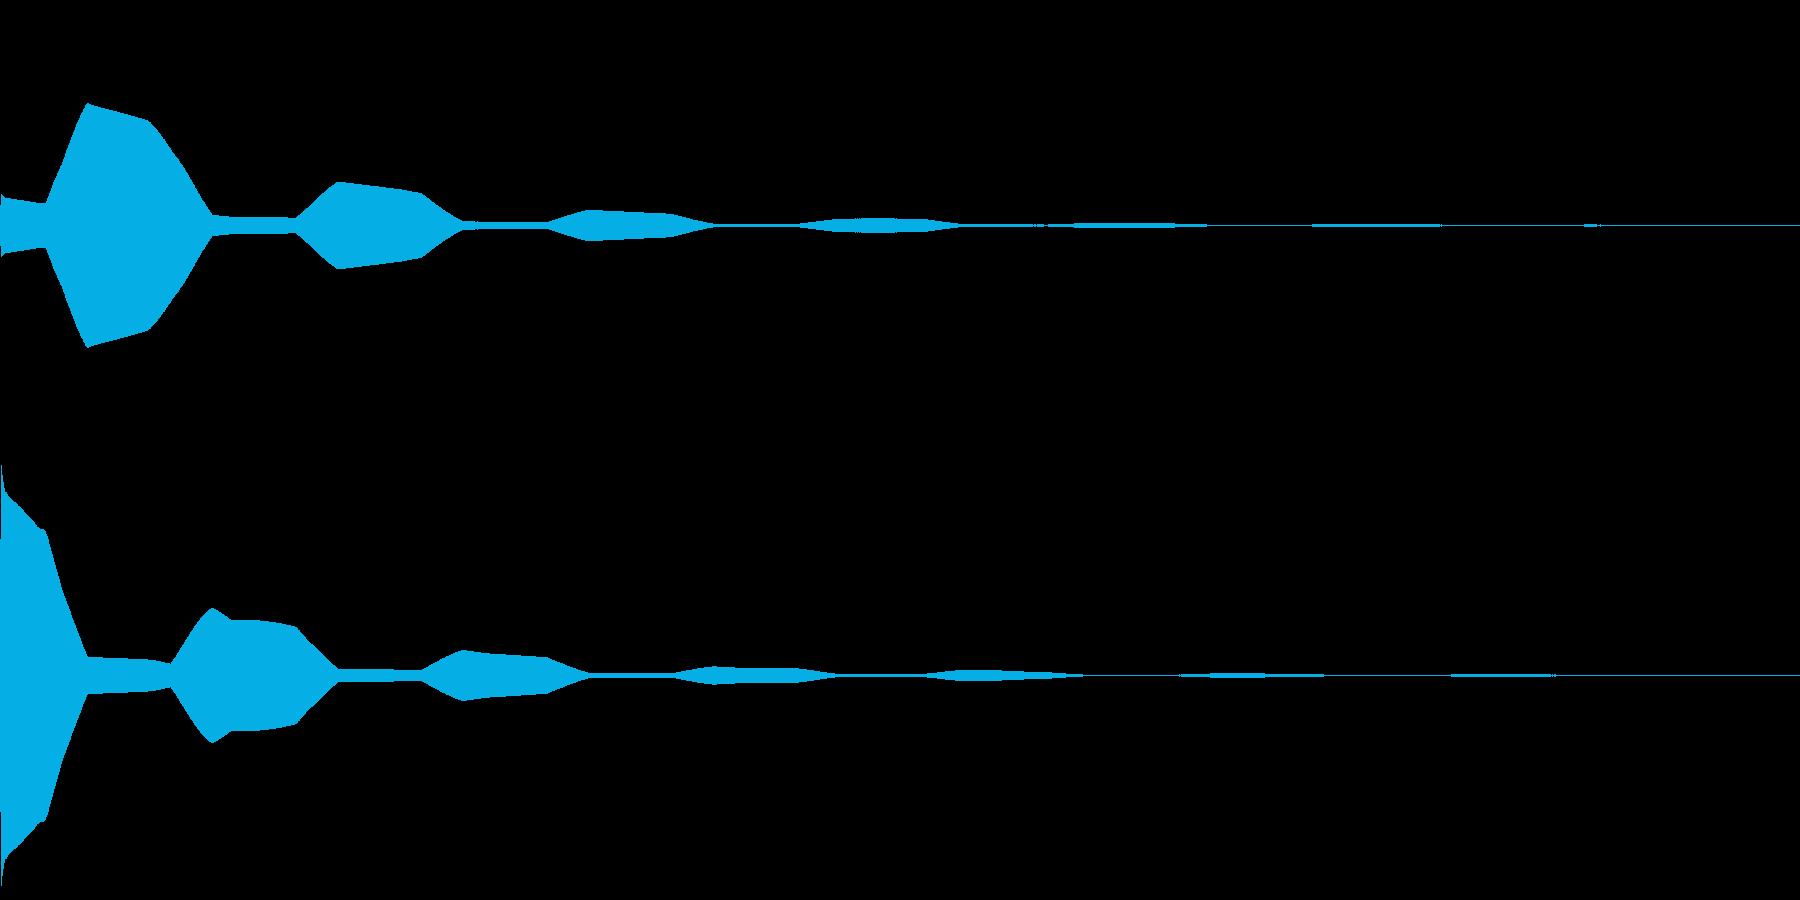 失敗音(ポワワン)の再生済みの波形